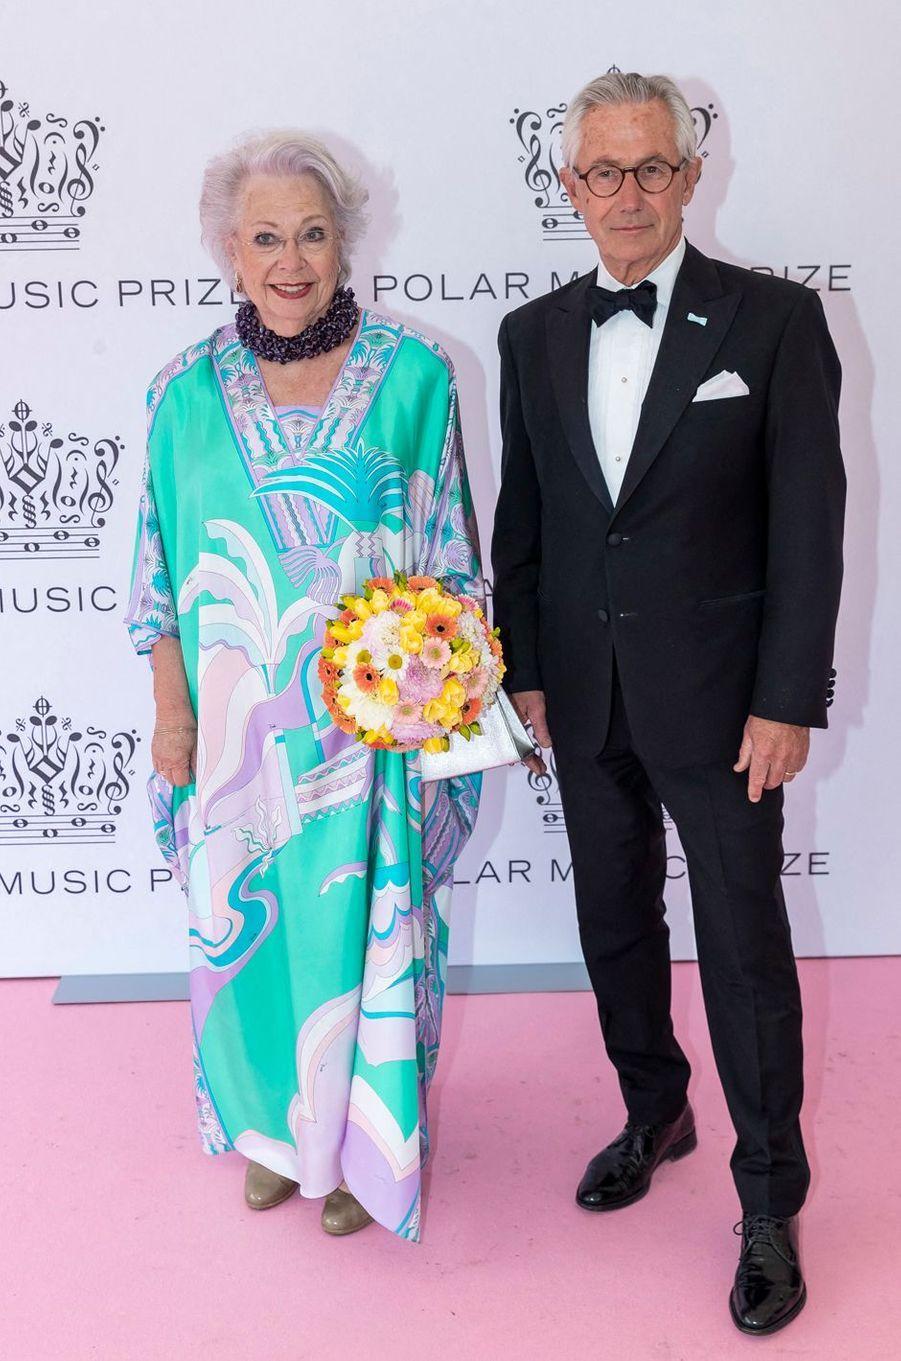 La princesse Christina de Suède et son mari Tord Magnuson à Stockholm, le 11 juin 2019